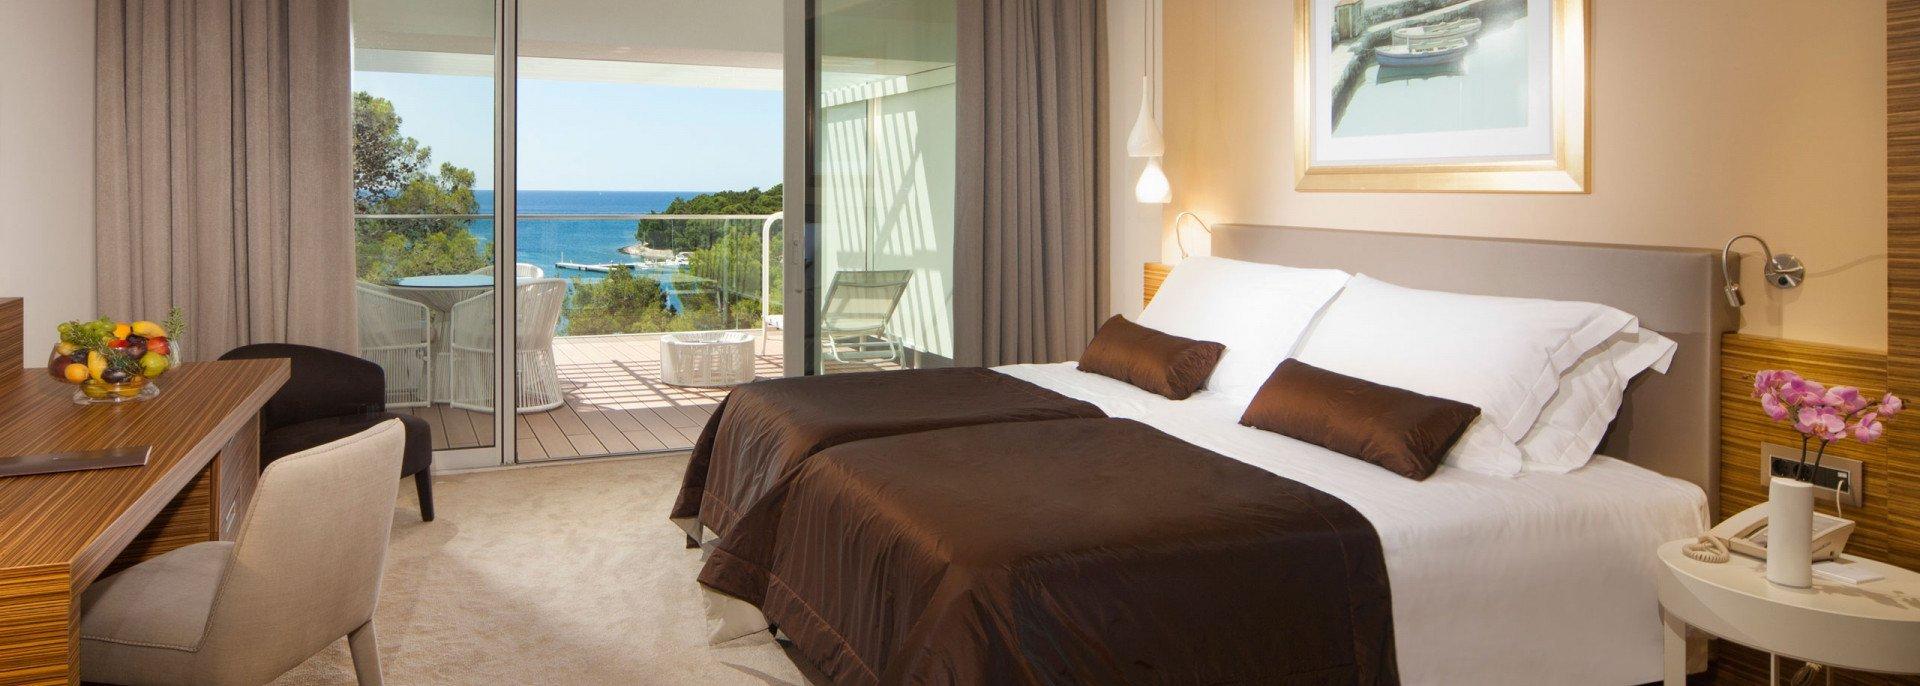 https://www.losinj-hotels.com/assets/Bellevue/Rooms-Suites/_resampled/CroppedFocusedImageWyIxOTIwIiwiNjg2IiwieSIsMjU3XQ/Luxury-suite2.jpg